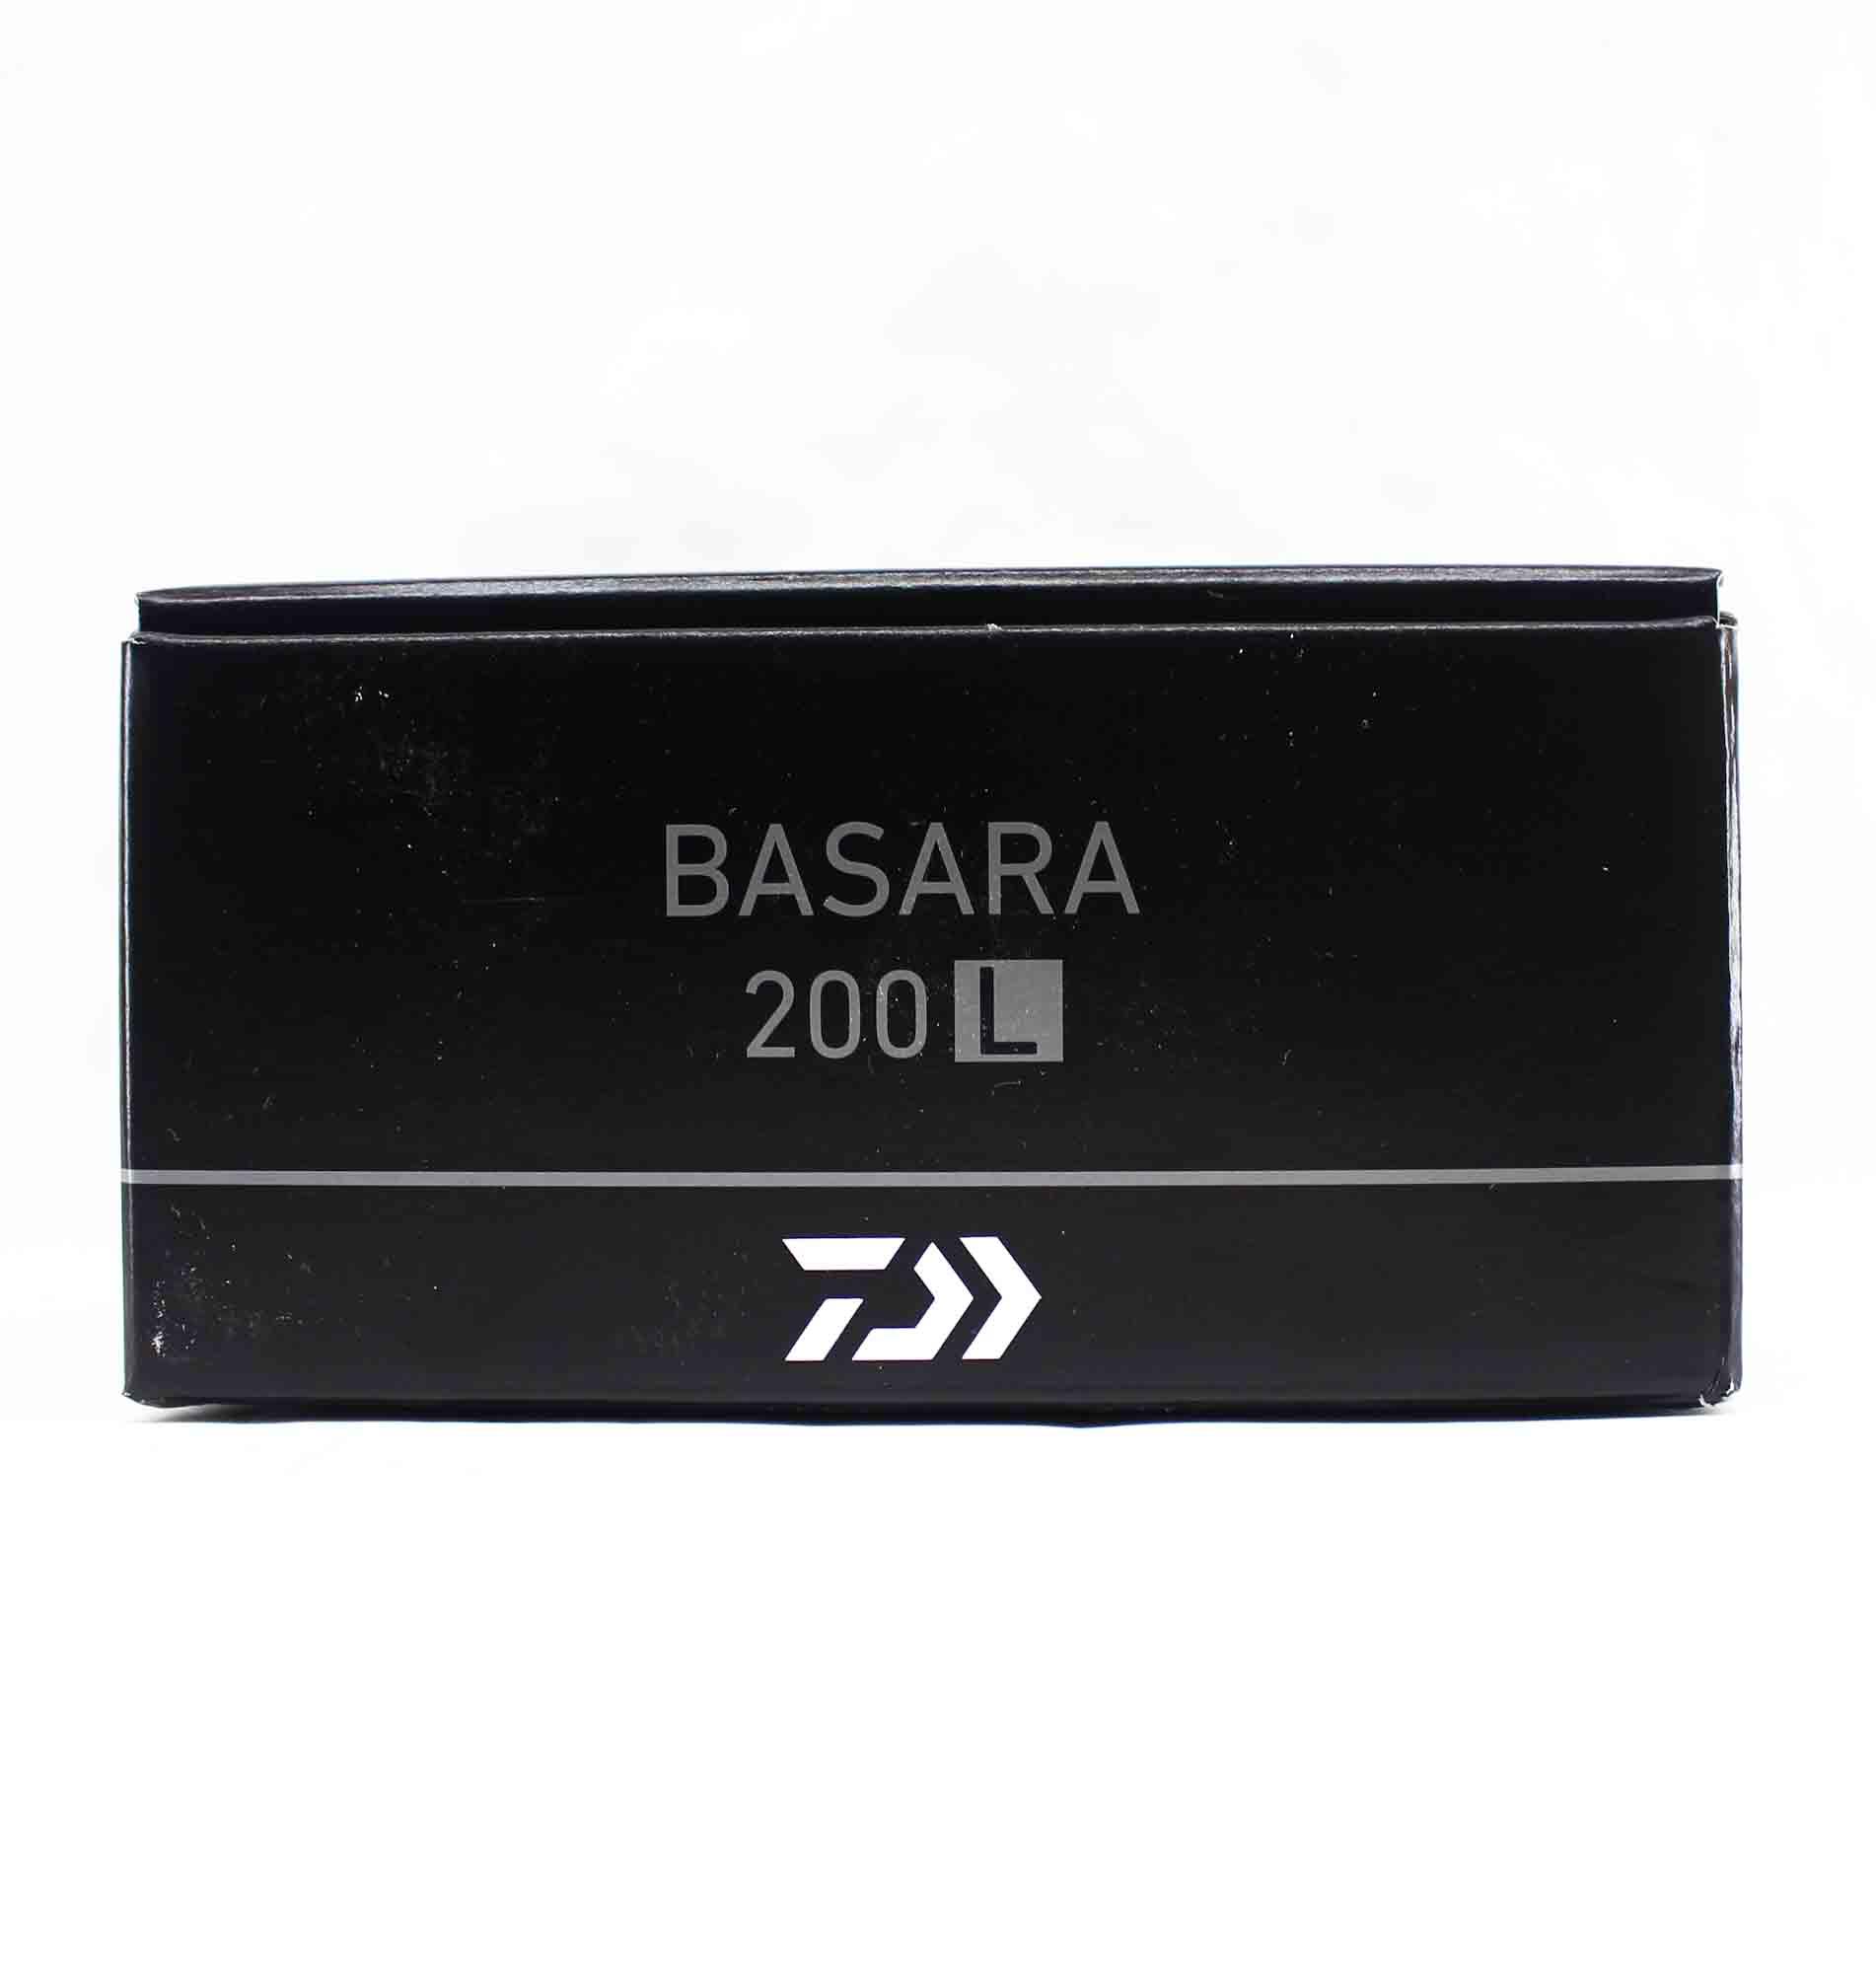 Daiwa Reel Baitcast 21 Basara 200L Left Hand (2116)